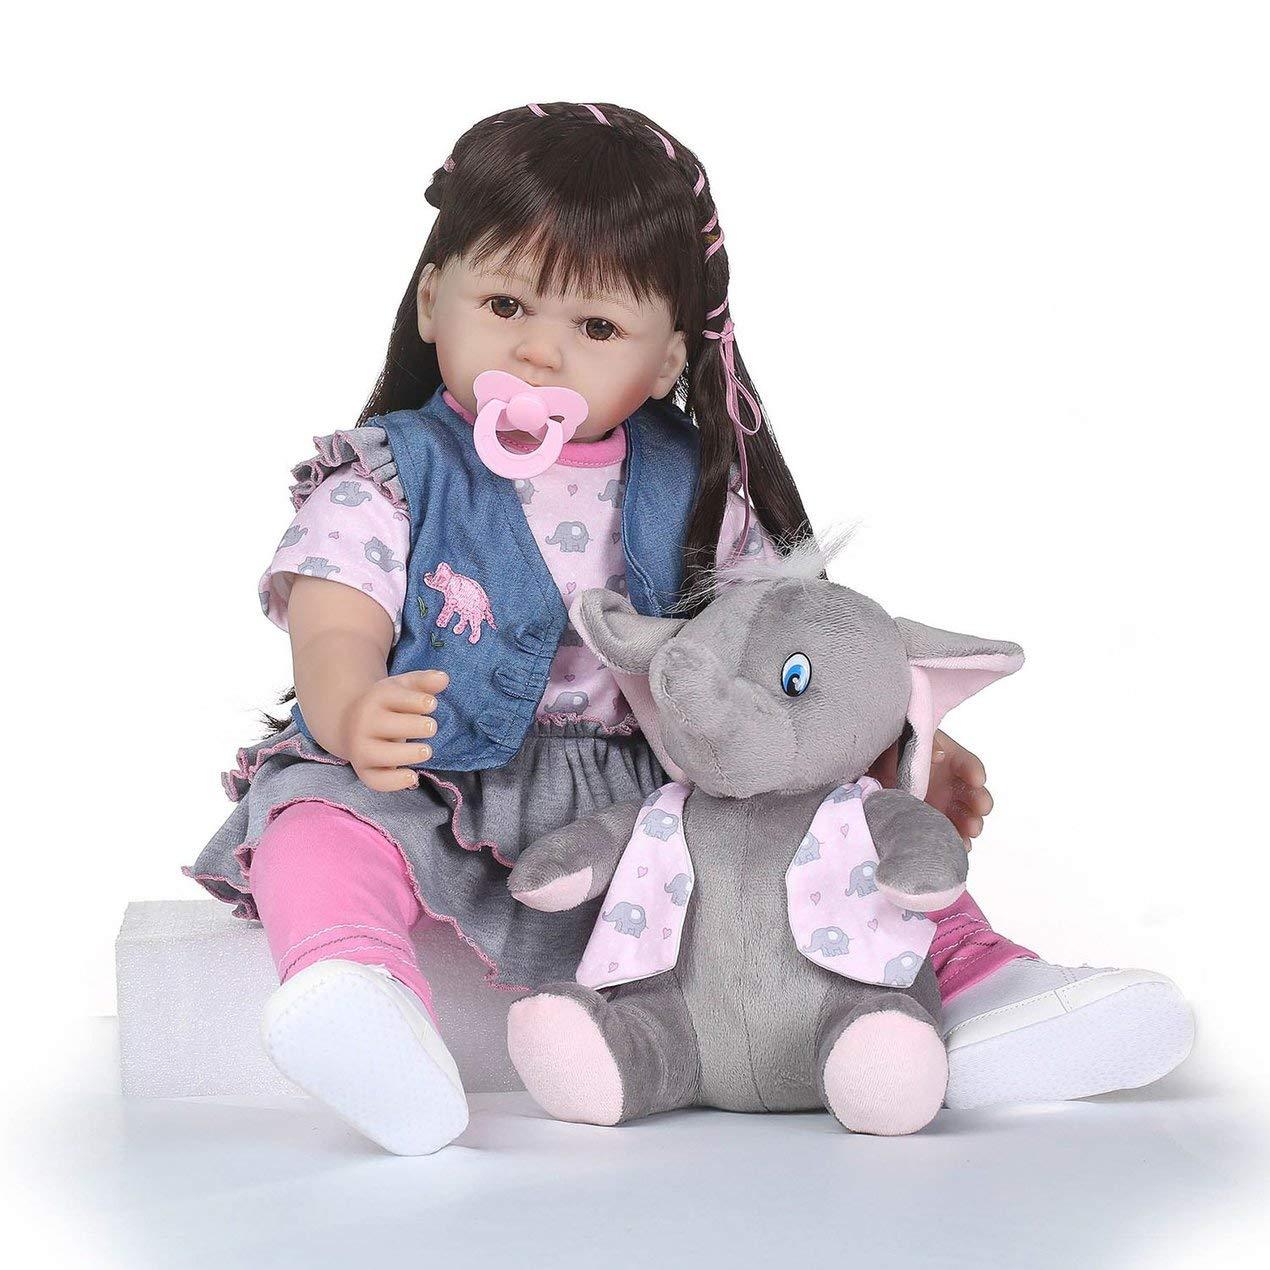 Dooret Cuerpo de Silicona Suave Realista simulado bebé Vestir Larga Tela de Pelo muñeca de niña